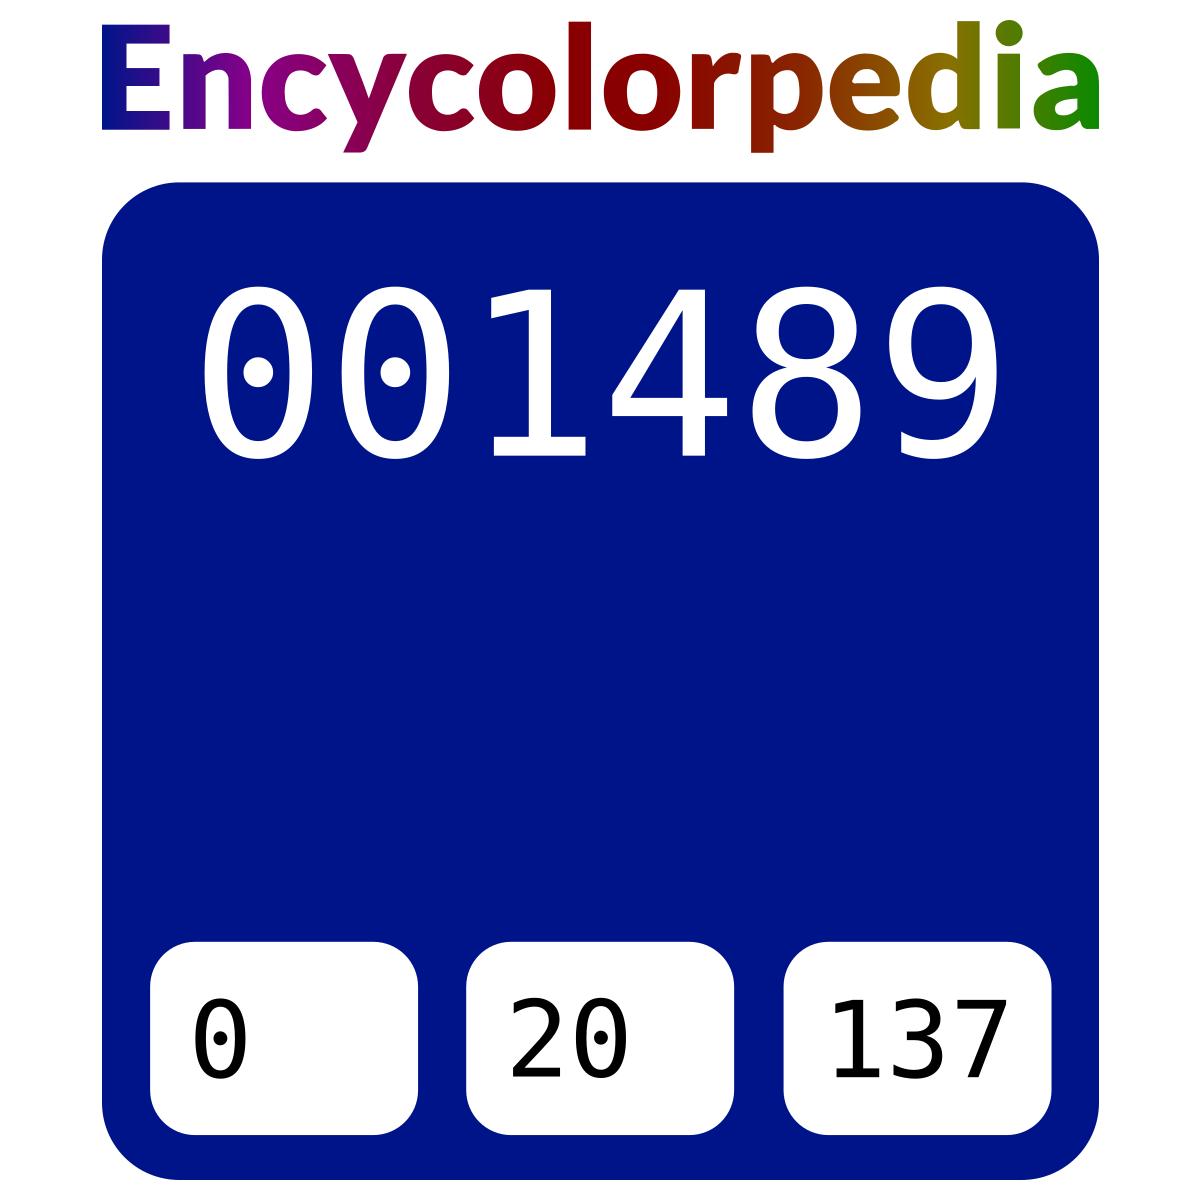 pantone    pms reflex blue c     001489 hex color code schemes  u0026 paints